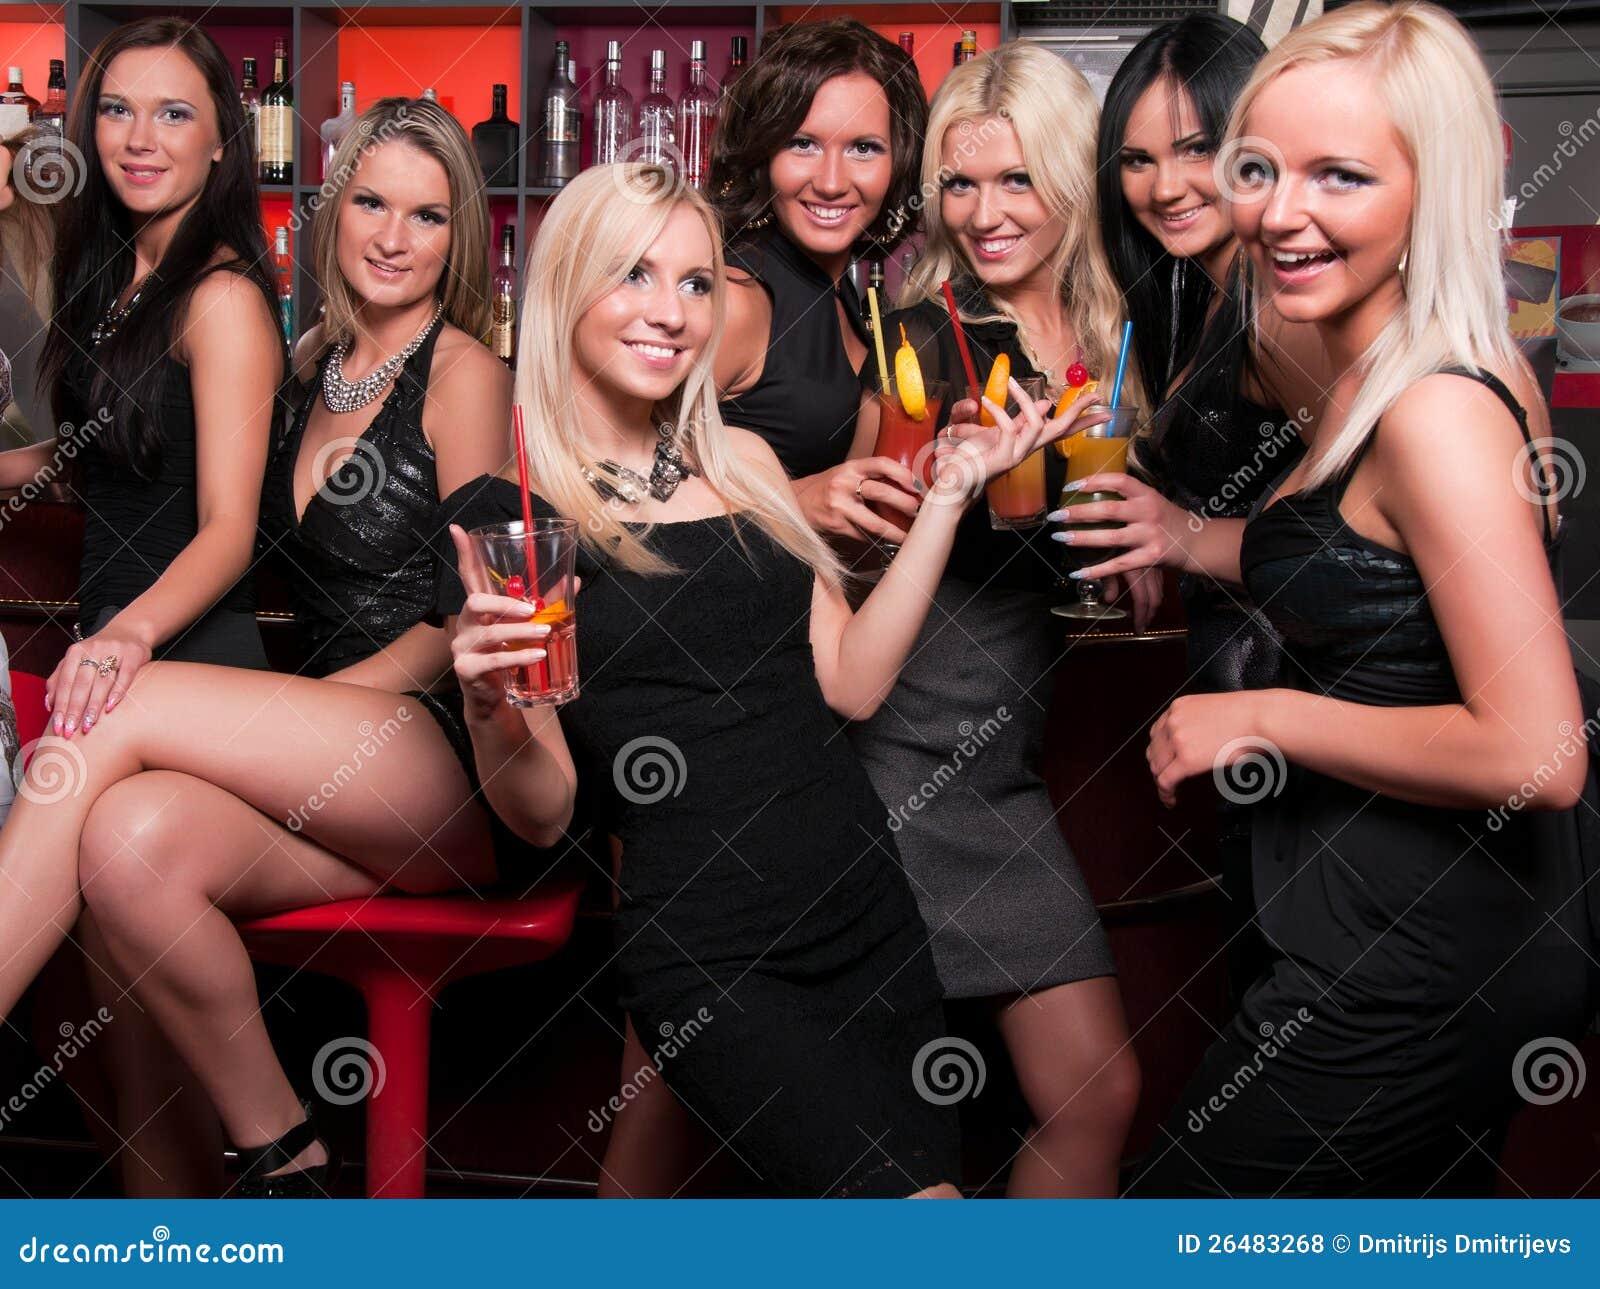 Телки вип клубах, Вечеринка в клубе - 61 видео. Смотреть вечеринка в клубе 28 фотография